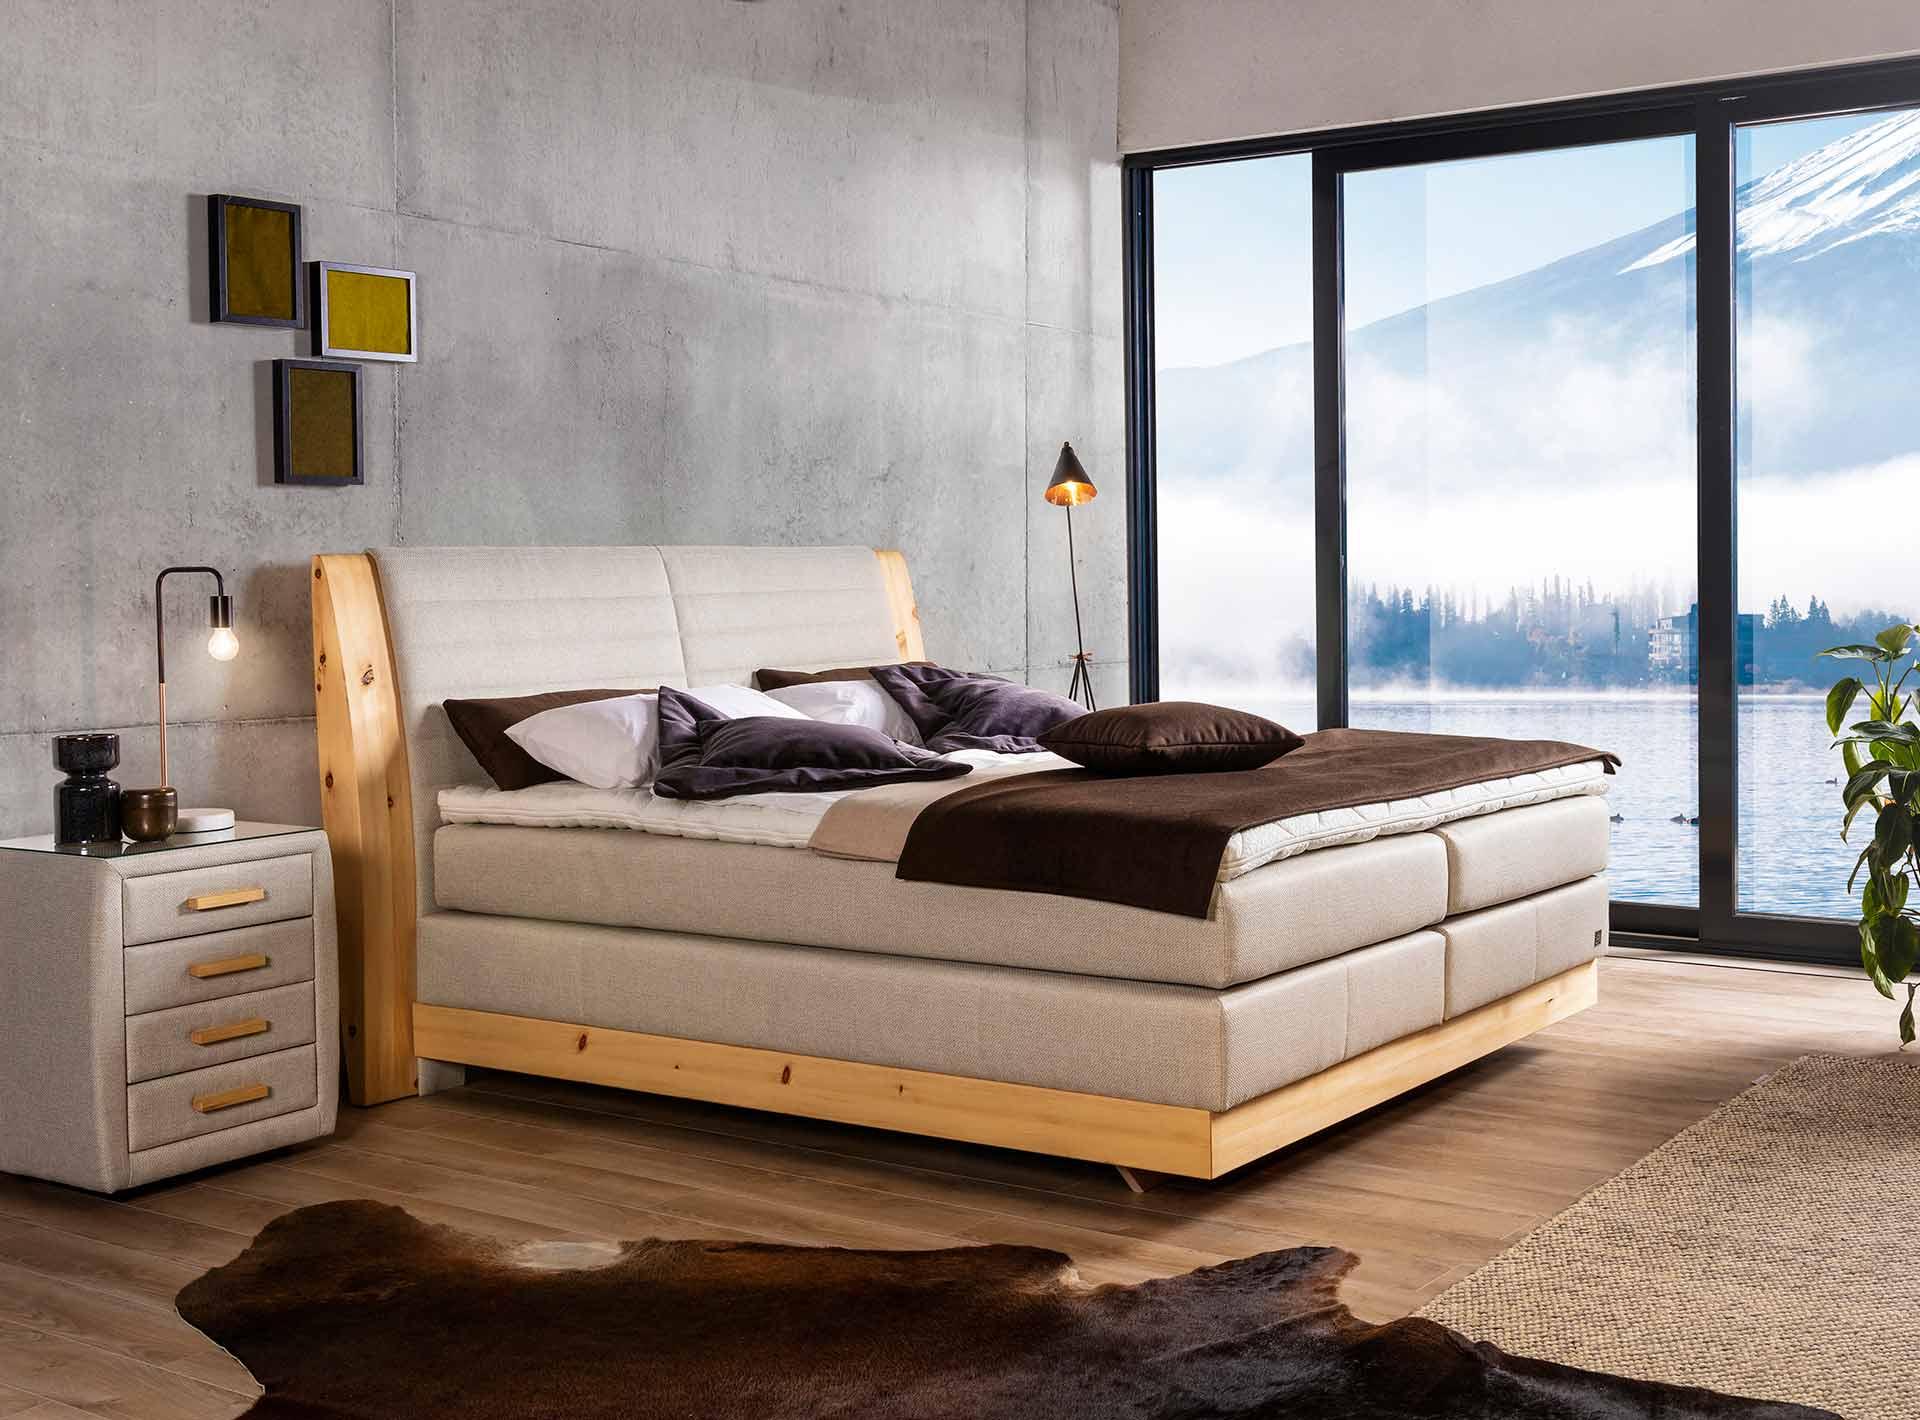 Full Size of Bett Mit Aufbewahrung Selber Bauen 140x200 Ikea Malm Lattenrost 90x200 200x200 100x200 Aufbau 180x200 Hochwertige Und Stilvolle Betten Aus Sterreich Bett Bett Mit Aufbewahrung